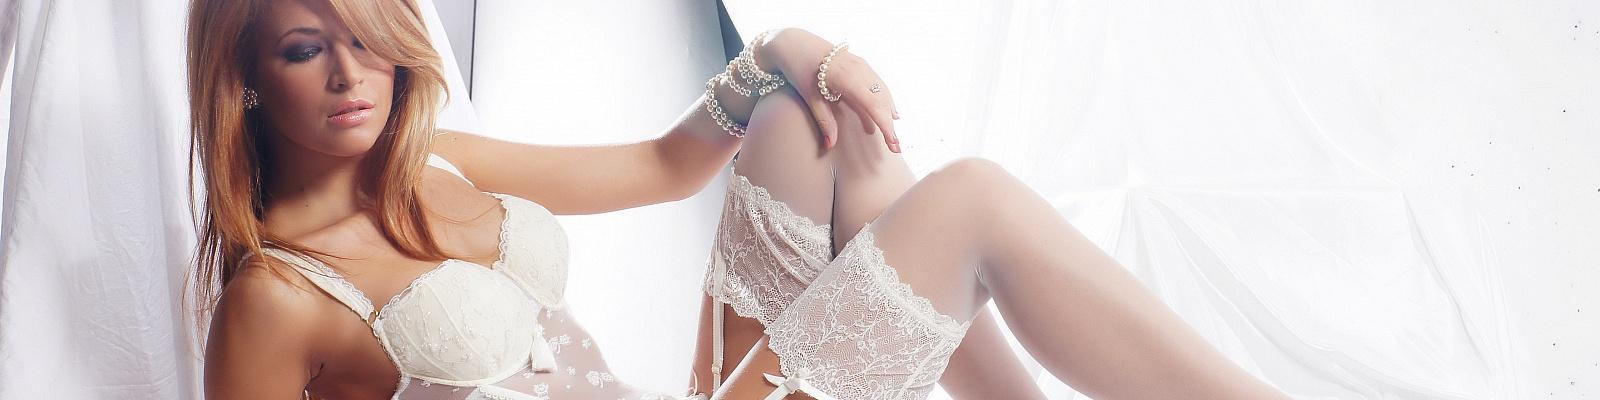 VIP Lexie Love's Cover Photo